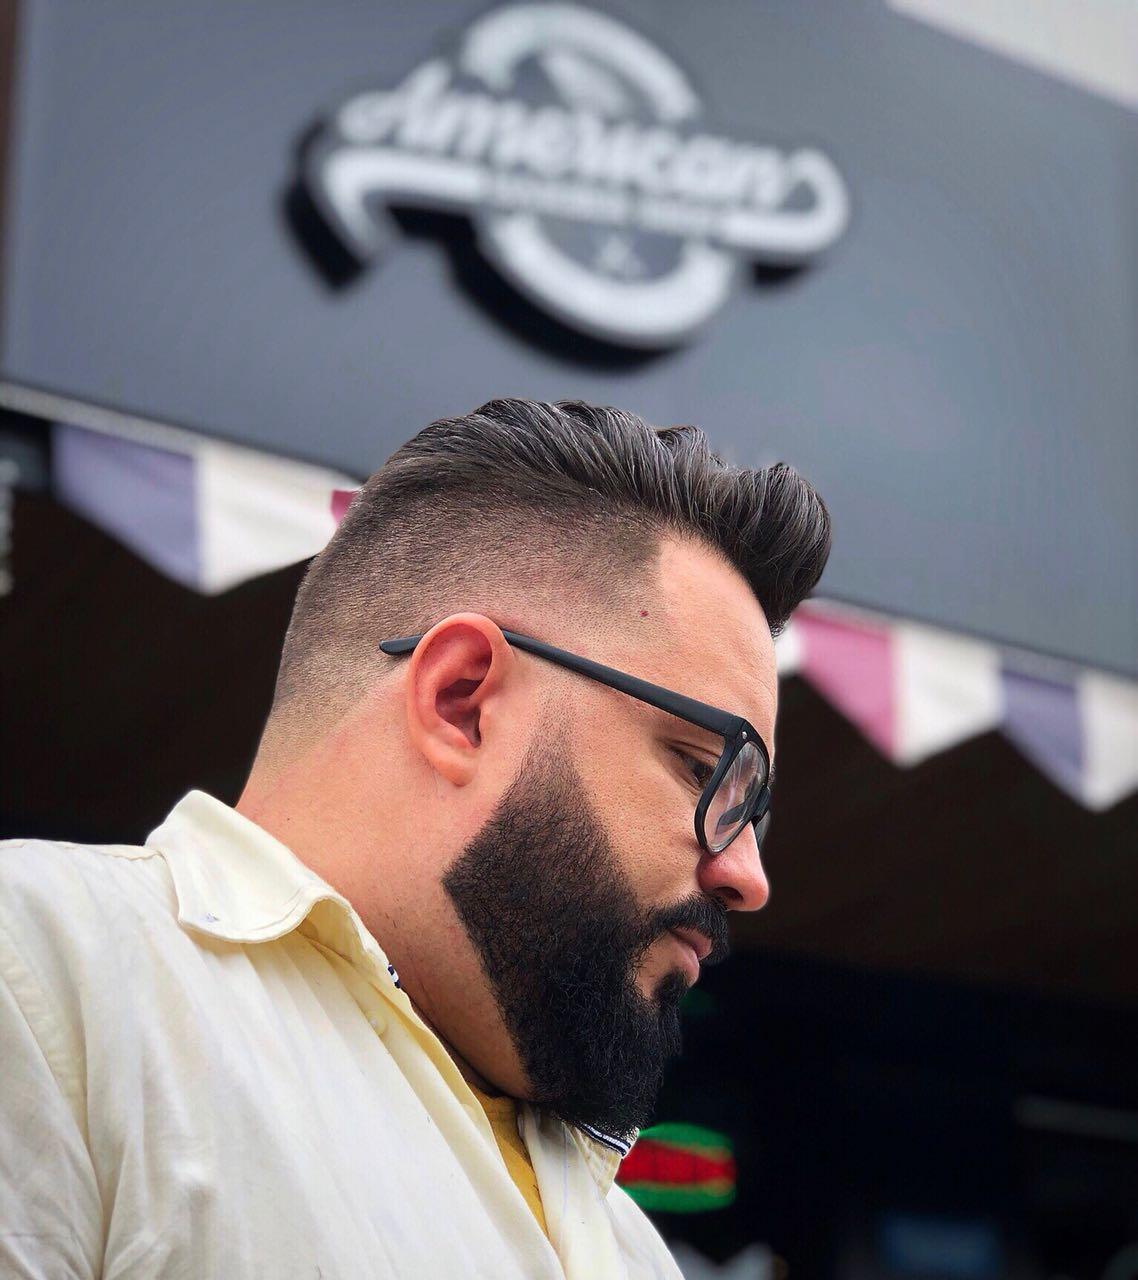 American Barbershop 23